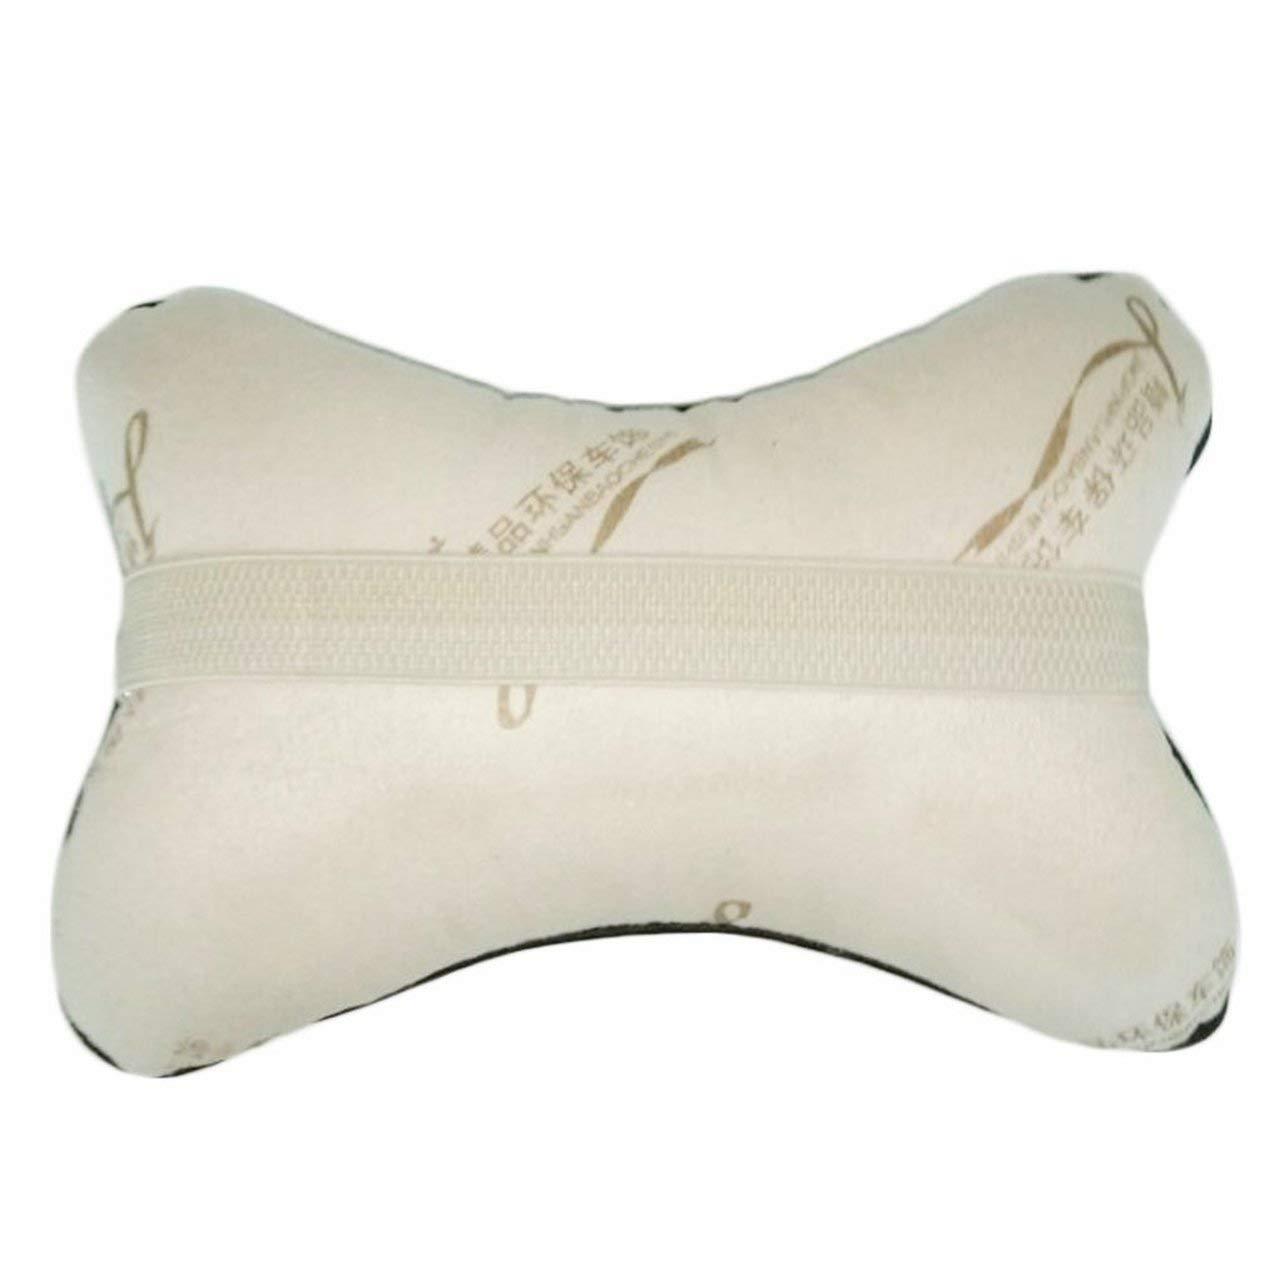 transpirable de piel sint/ética EdBerk74 para reposacabezas de coche accesorios para interior de coche Almohada universal para reposacabezas con forma de hueso